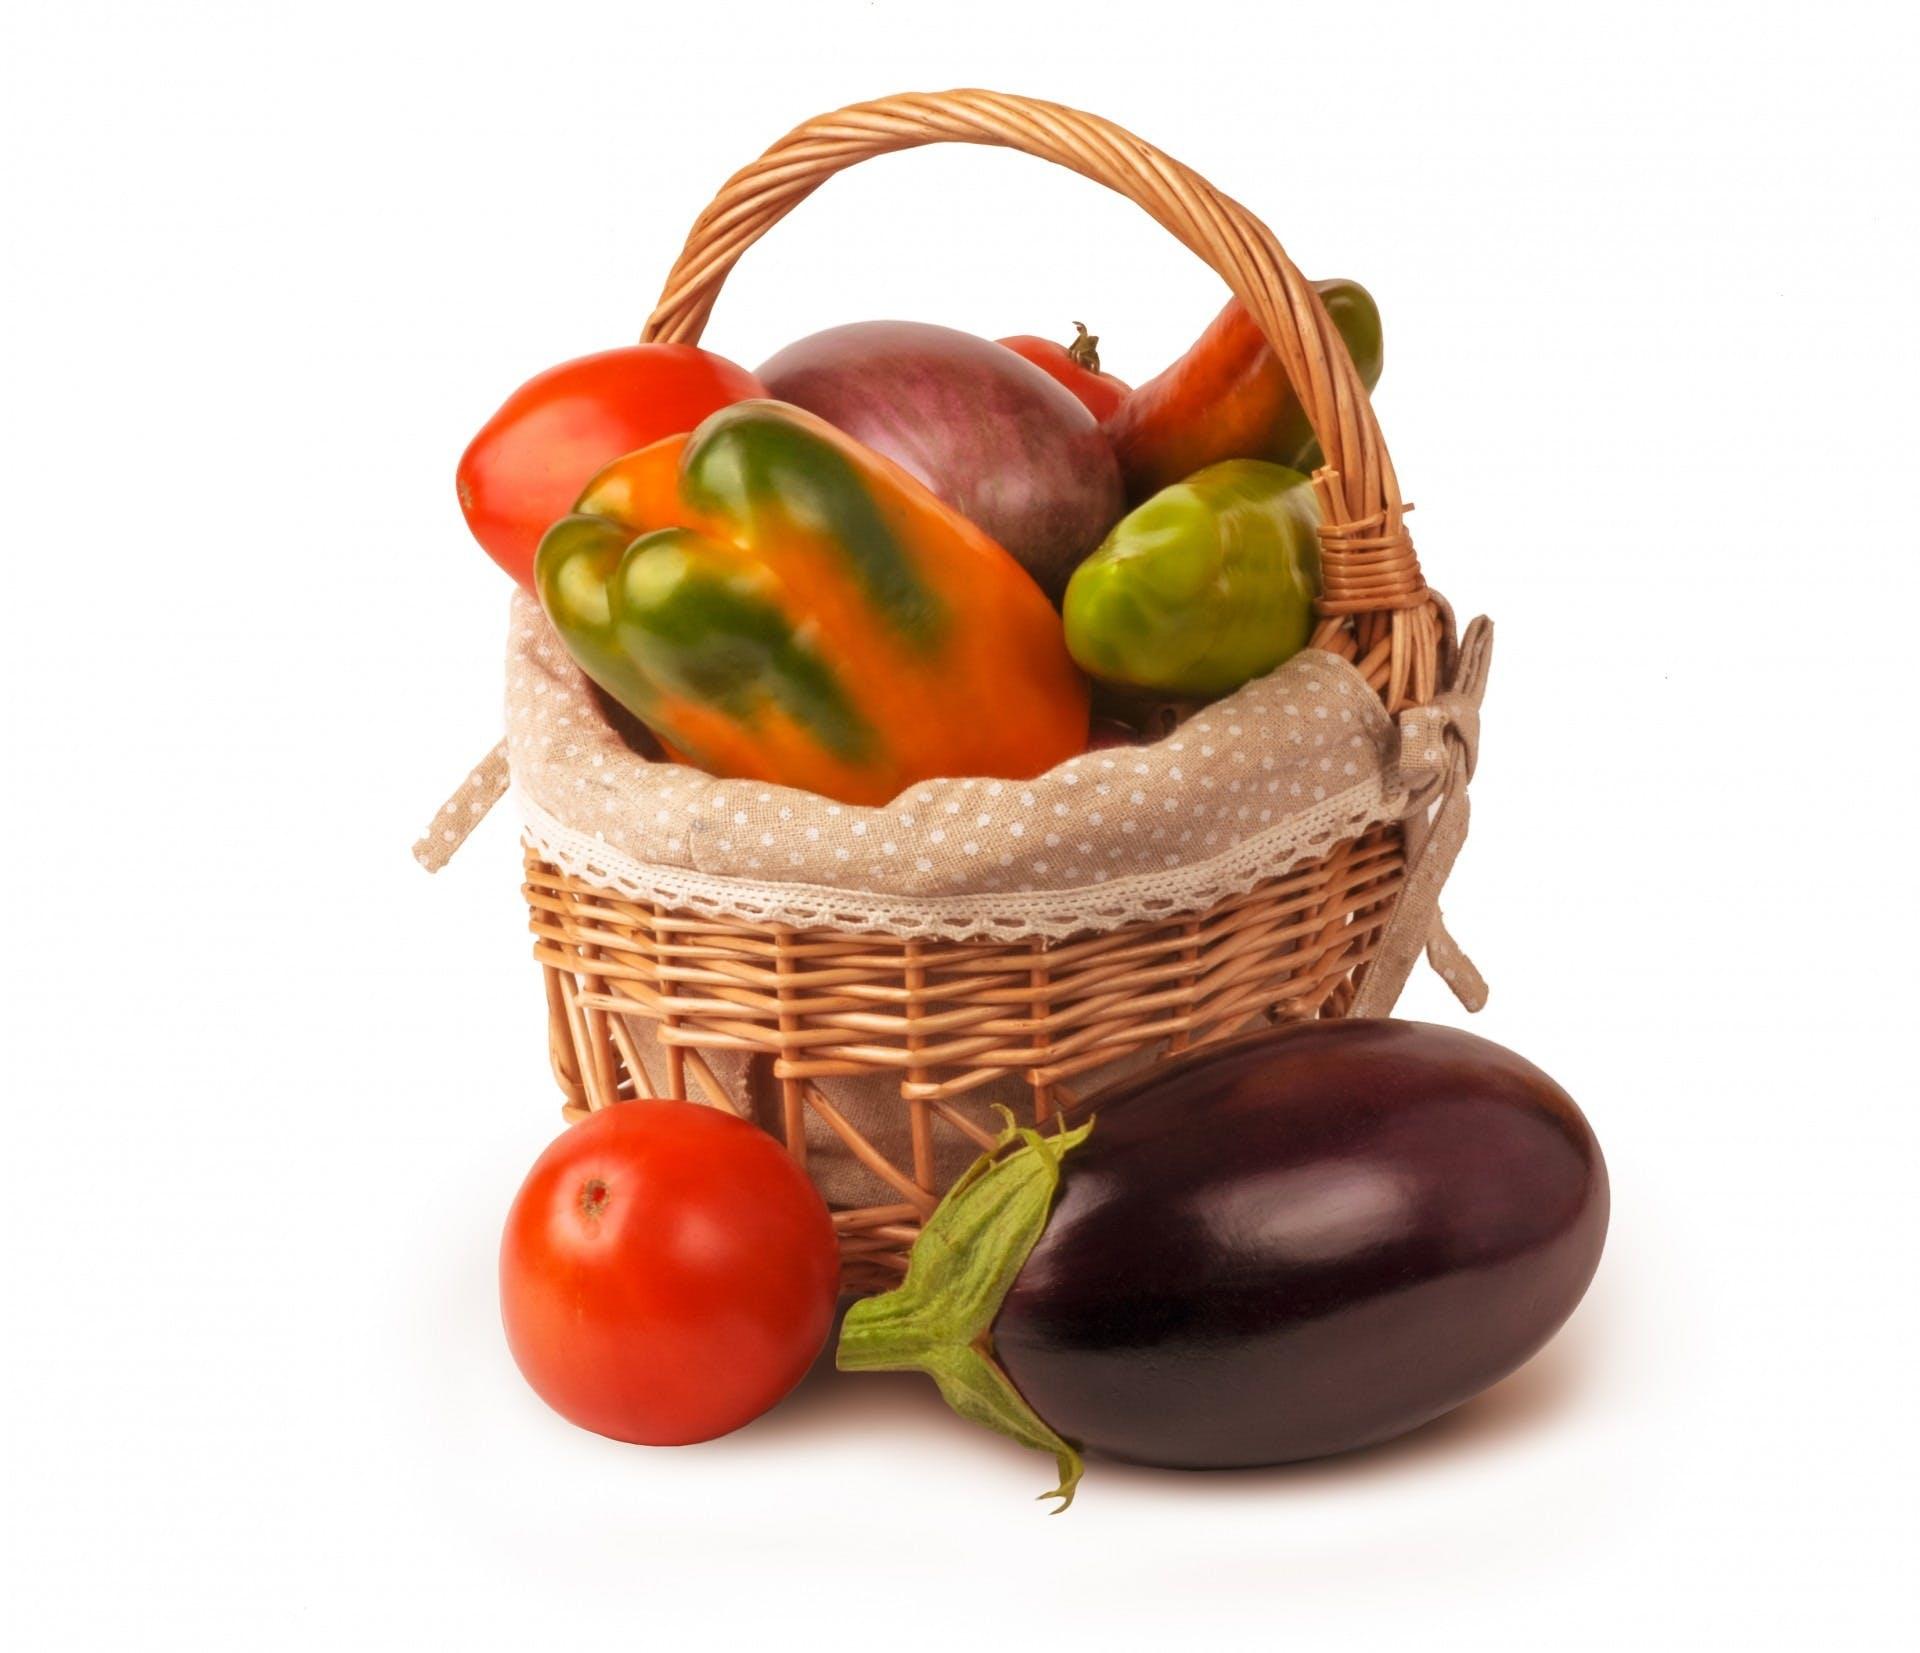 Assorted Vegetables in Basket